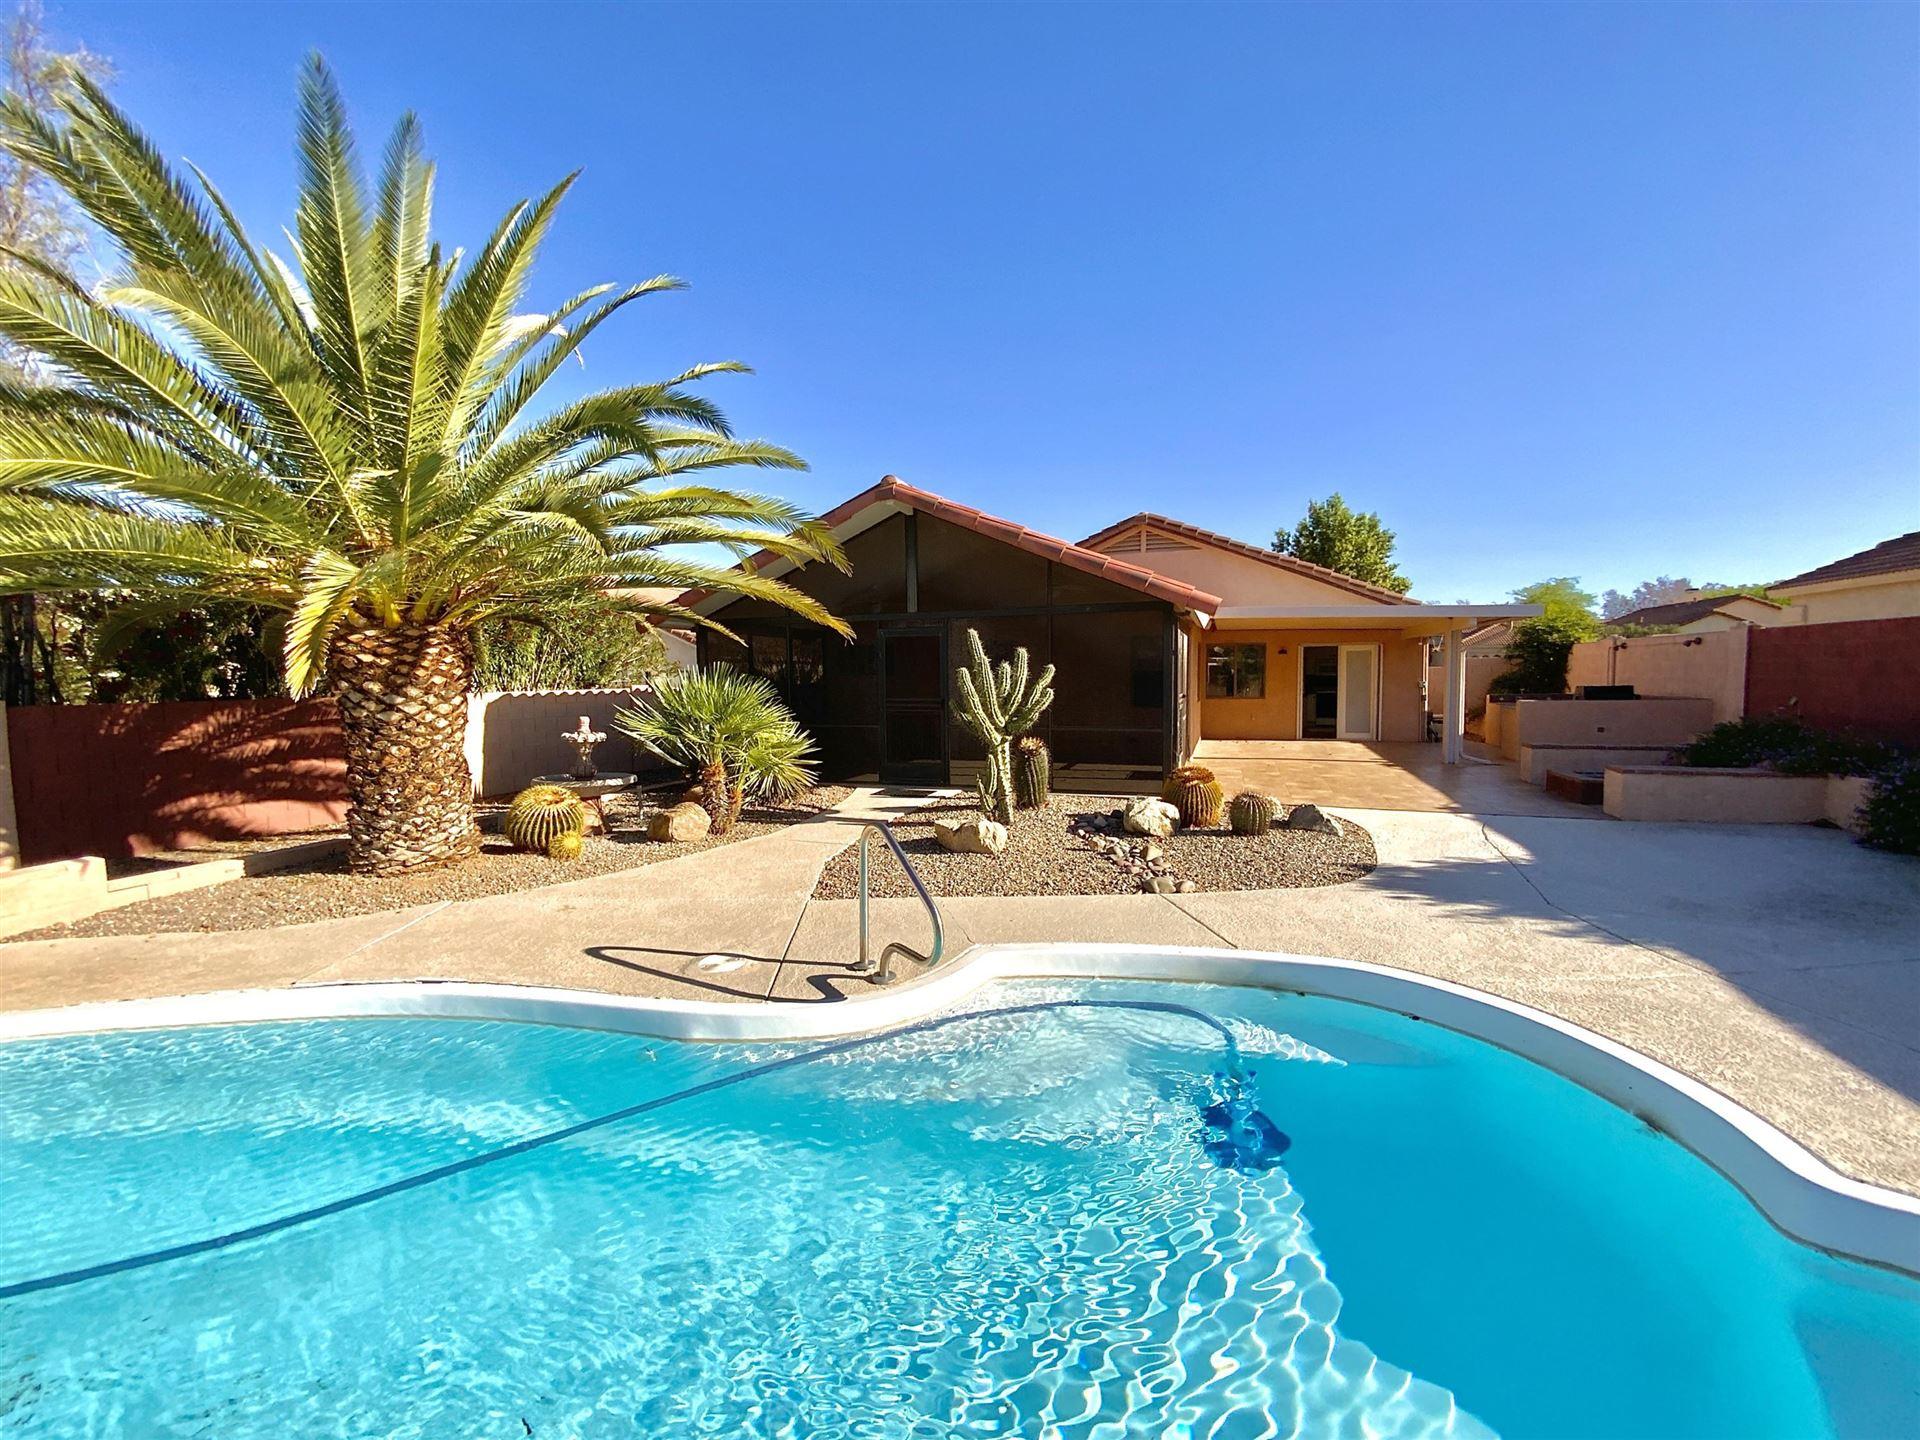 3213 W Donovan Drive, Tucson, AZ 85742 - MLS#: 22112235